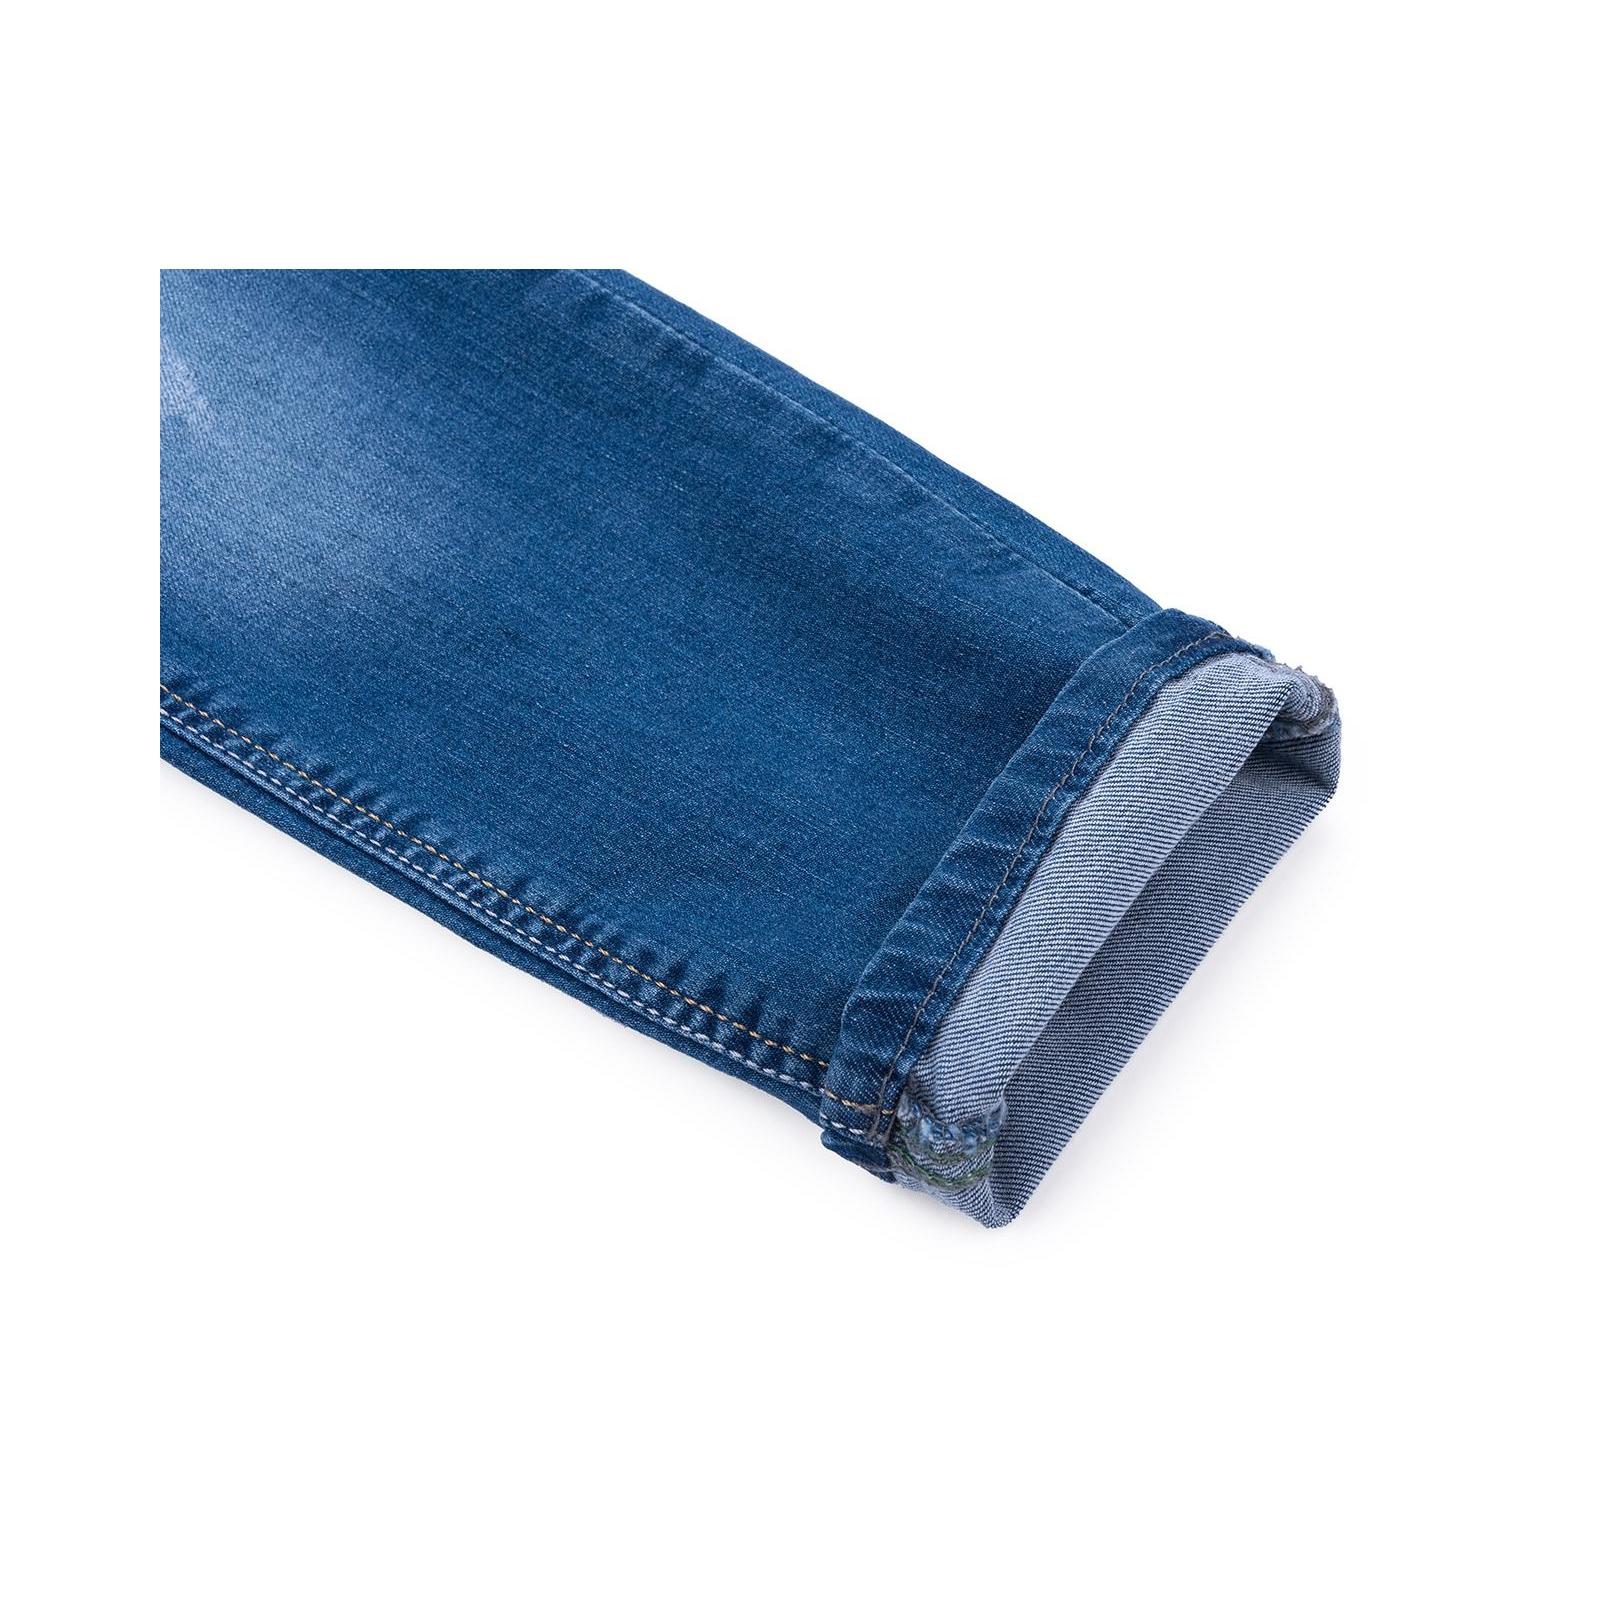 Джинсы E&H зауженые (20123-134B-blue) изображение 6